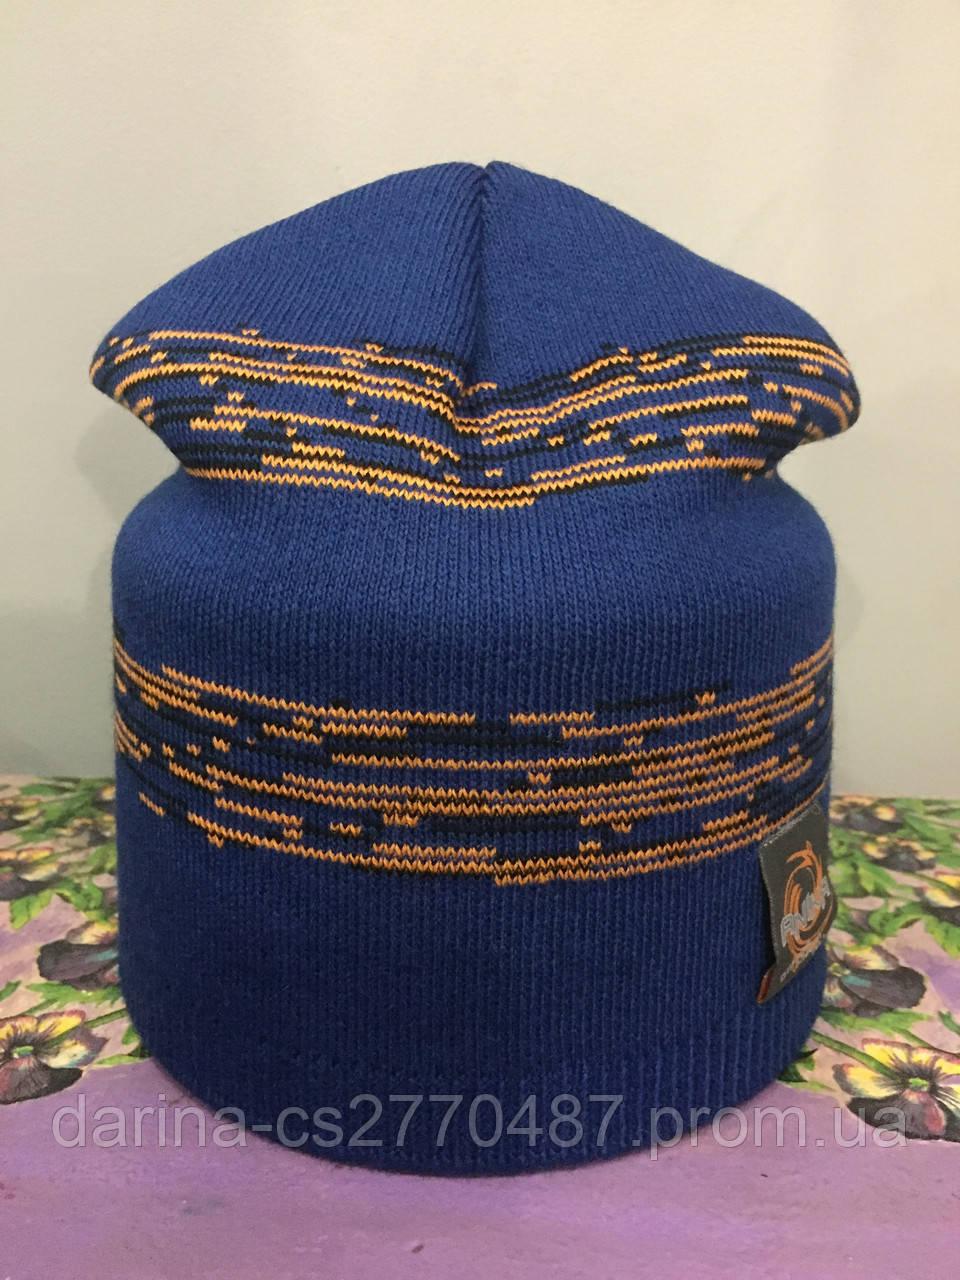 Вязанная шапка для мальчика подростка